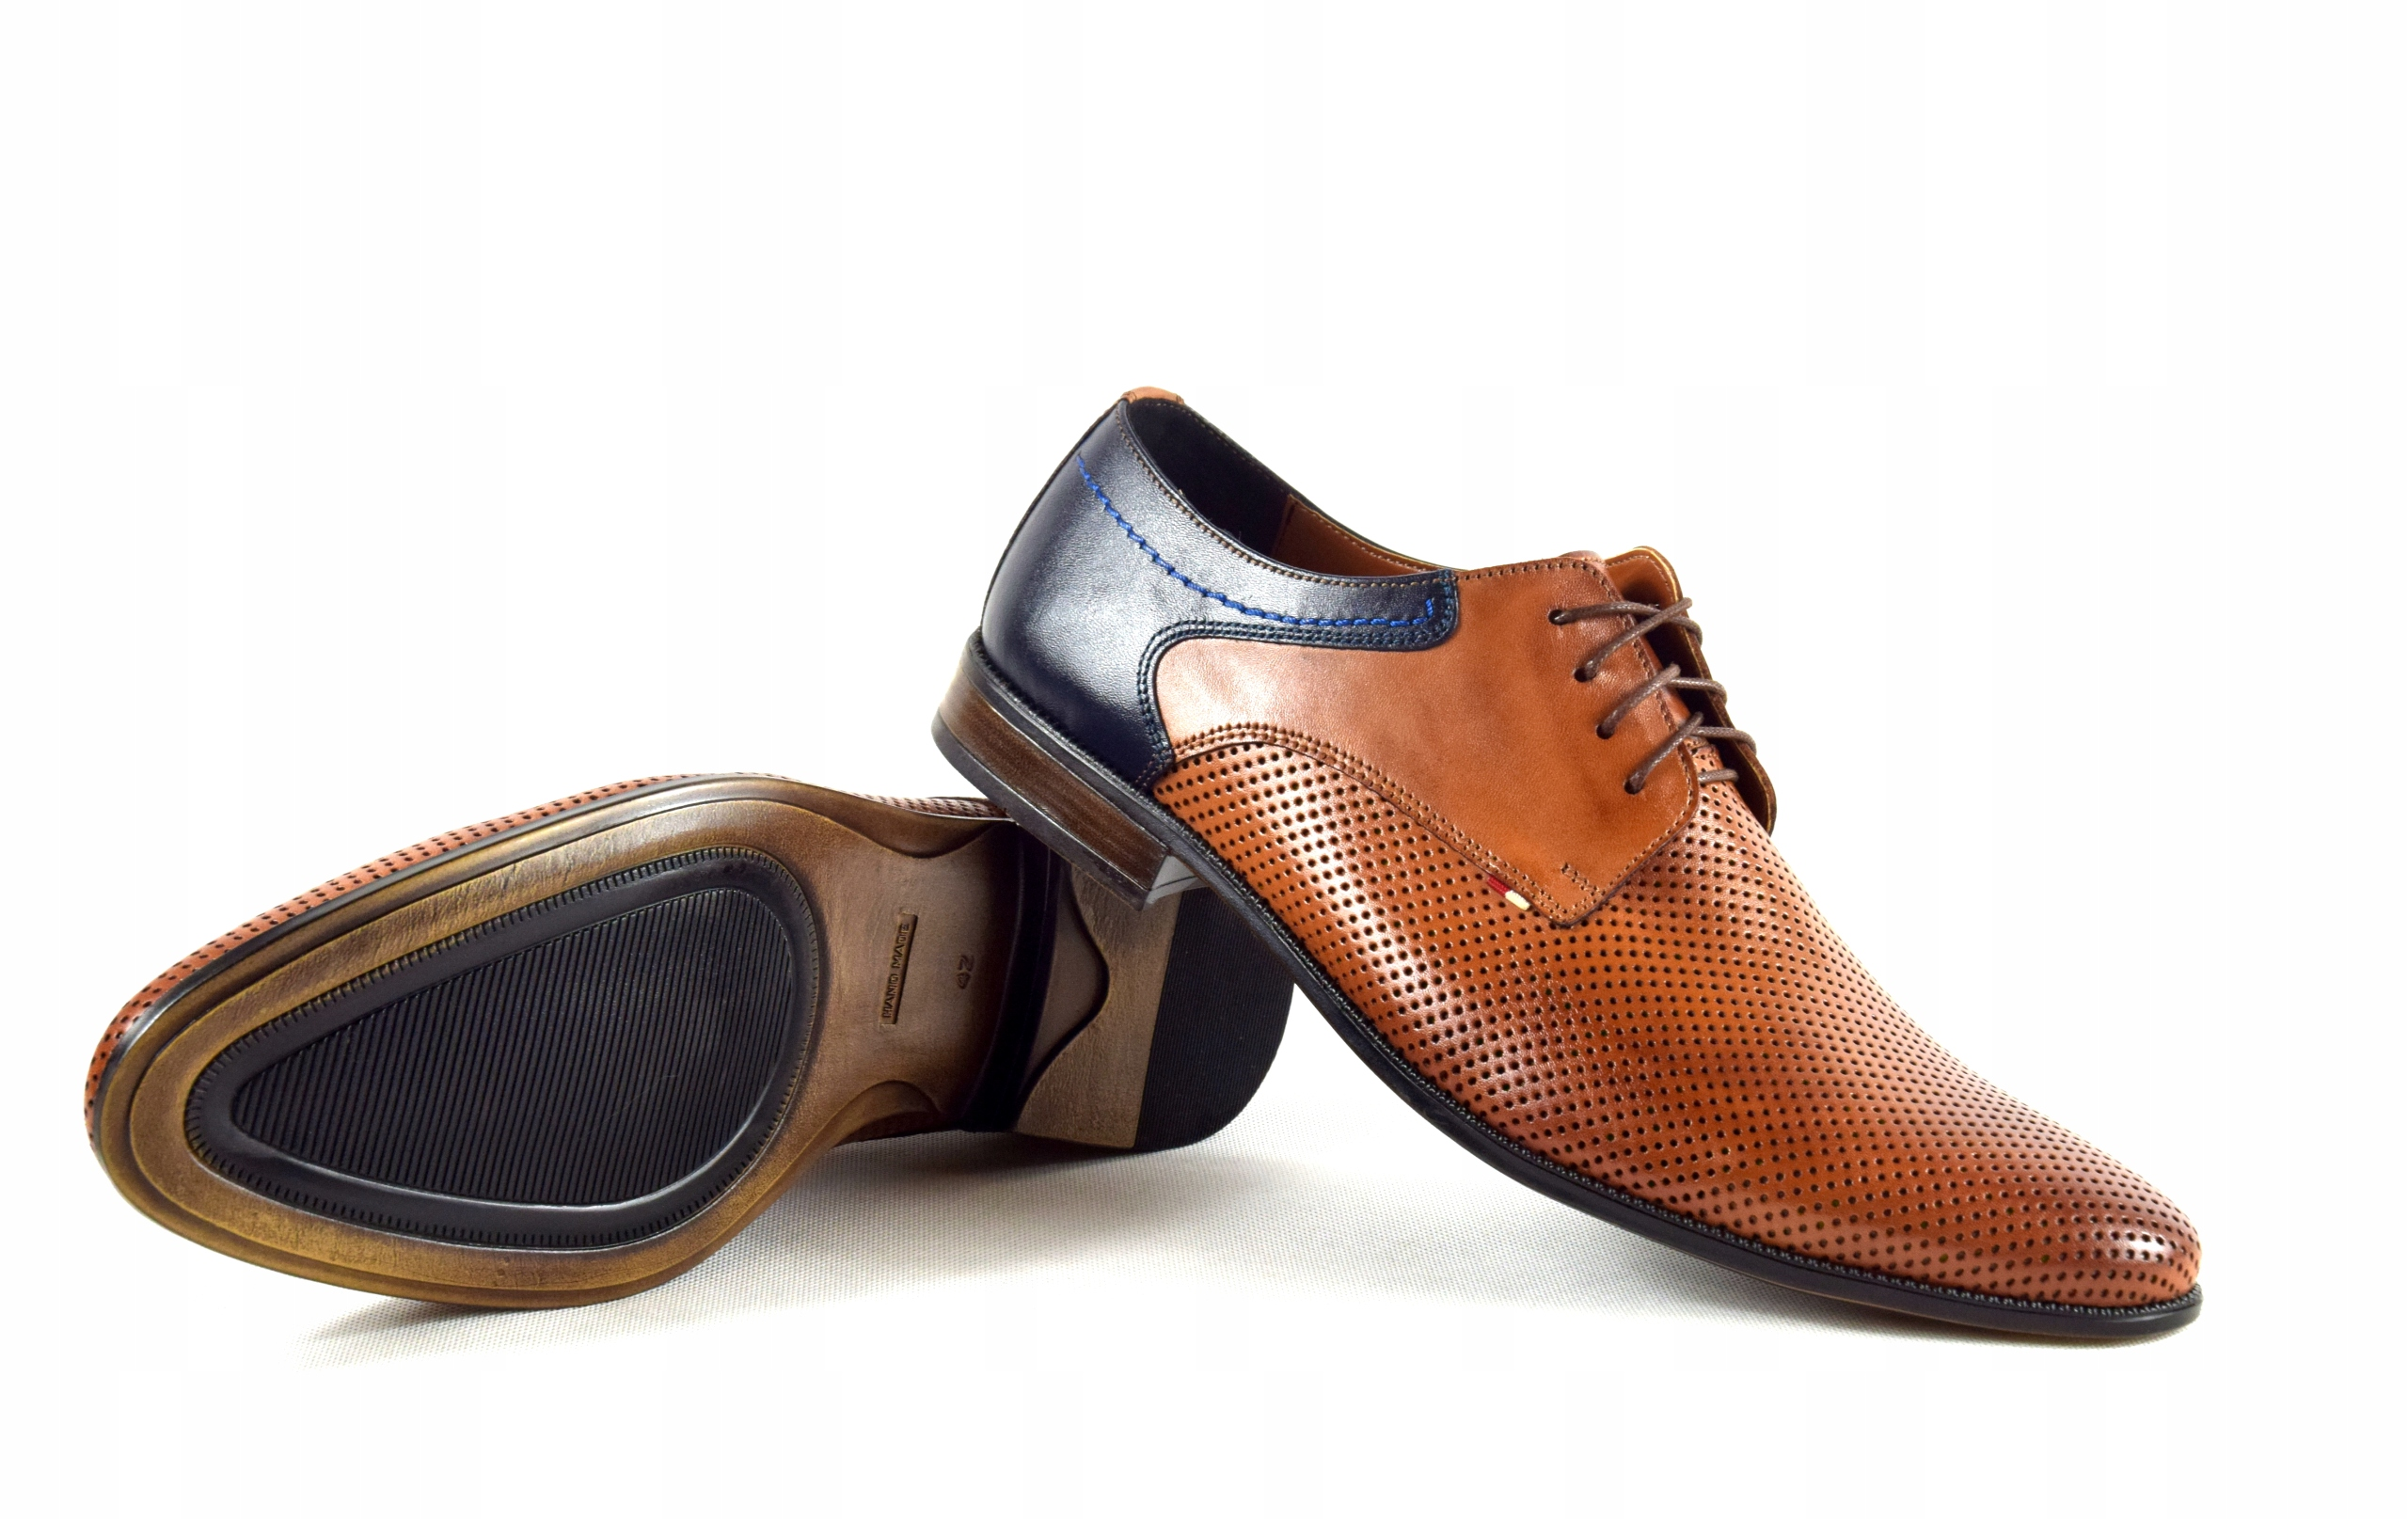 Buty męskie wizytowe skórzane brązowe obuwie 322 Oryginalne opakowanie producenta pudełko